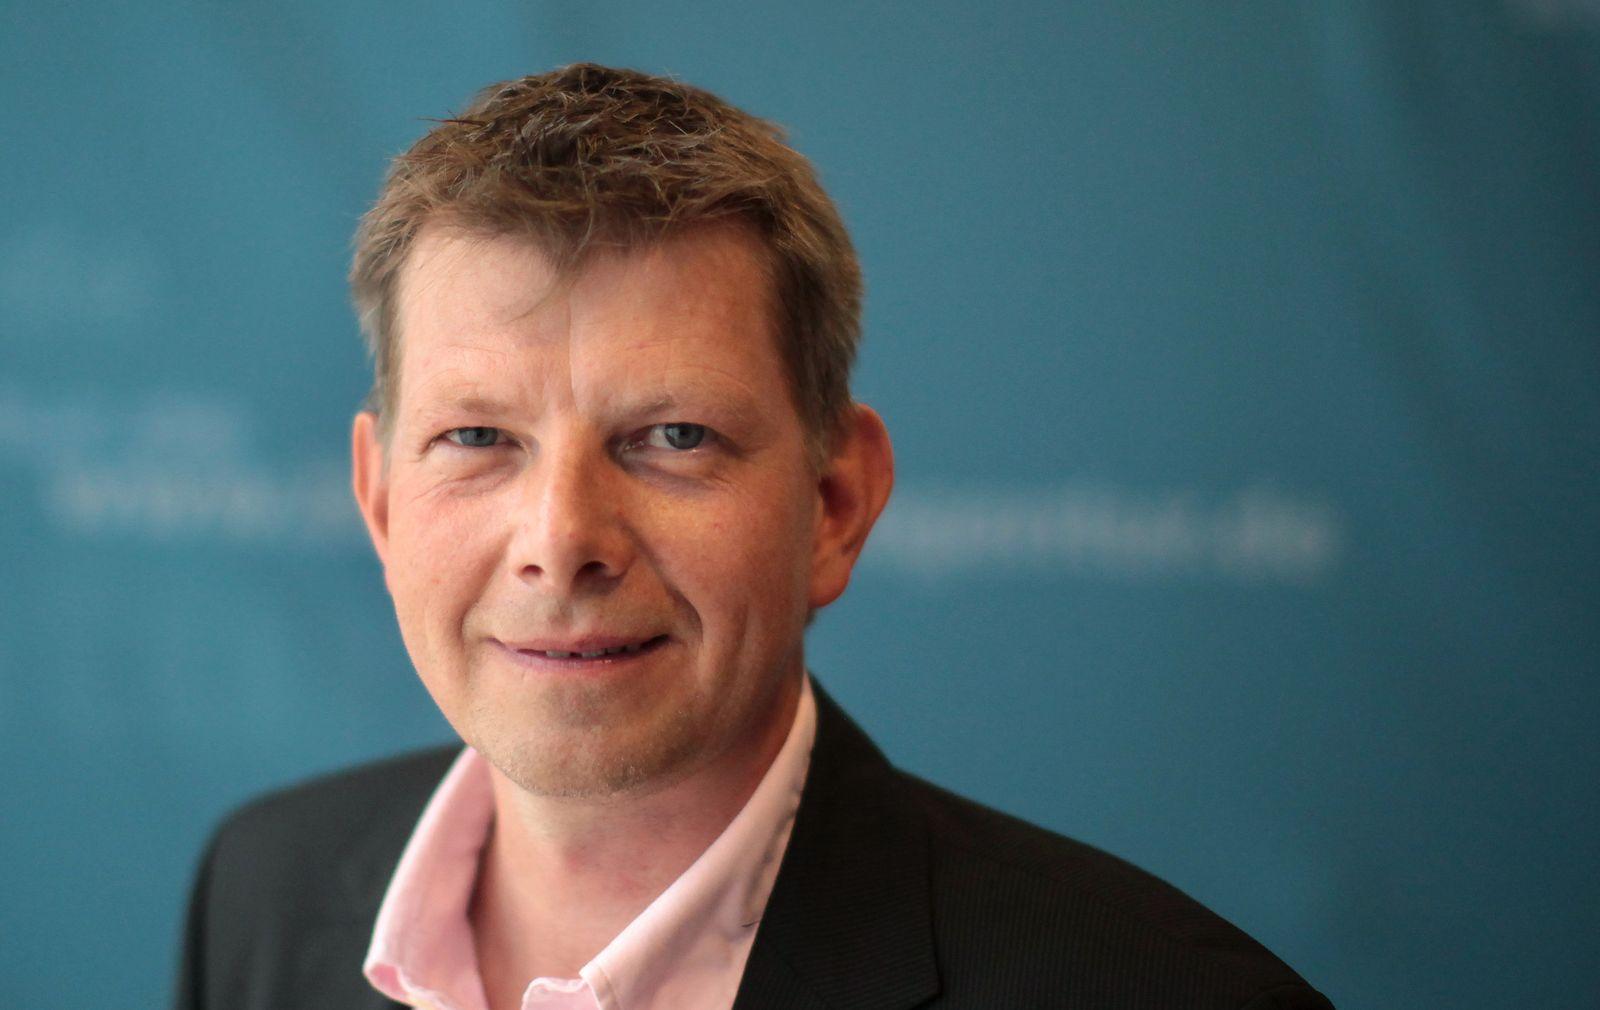 E-Plus - Thorsten Dirks